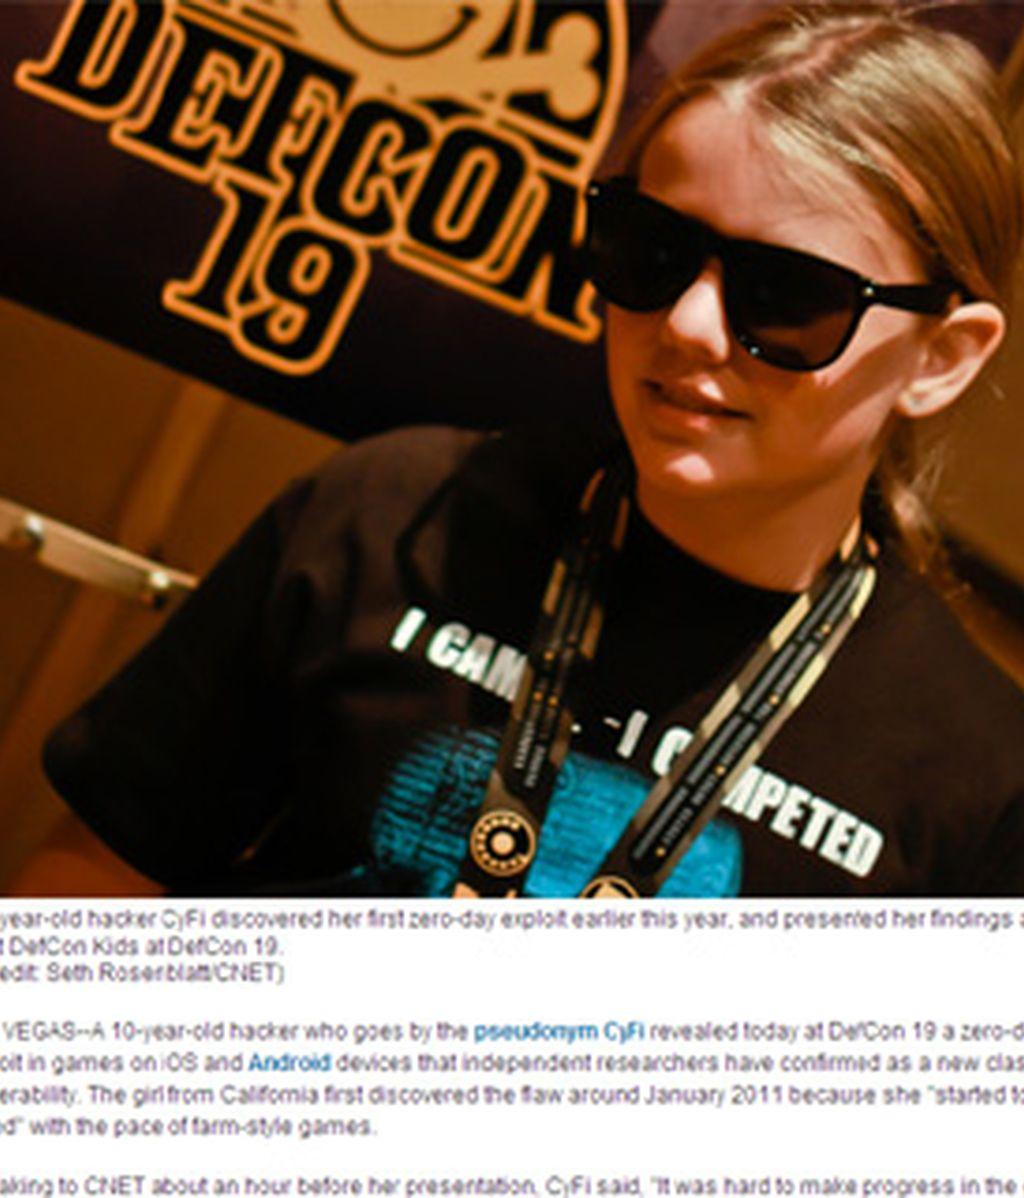 CyFi, el seudónimo de la hacker de diez años que descubrió la vulnerabilidad de algunos juegos sociales.